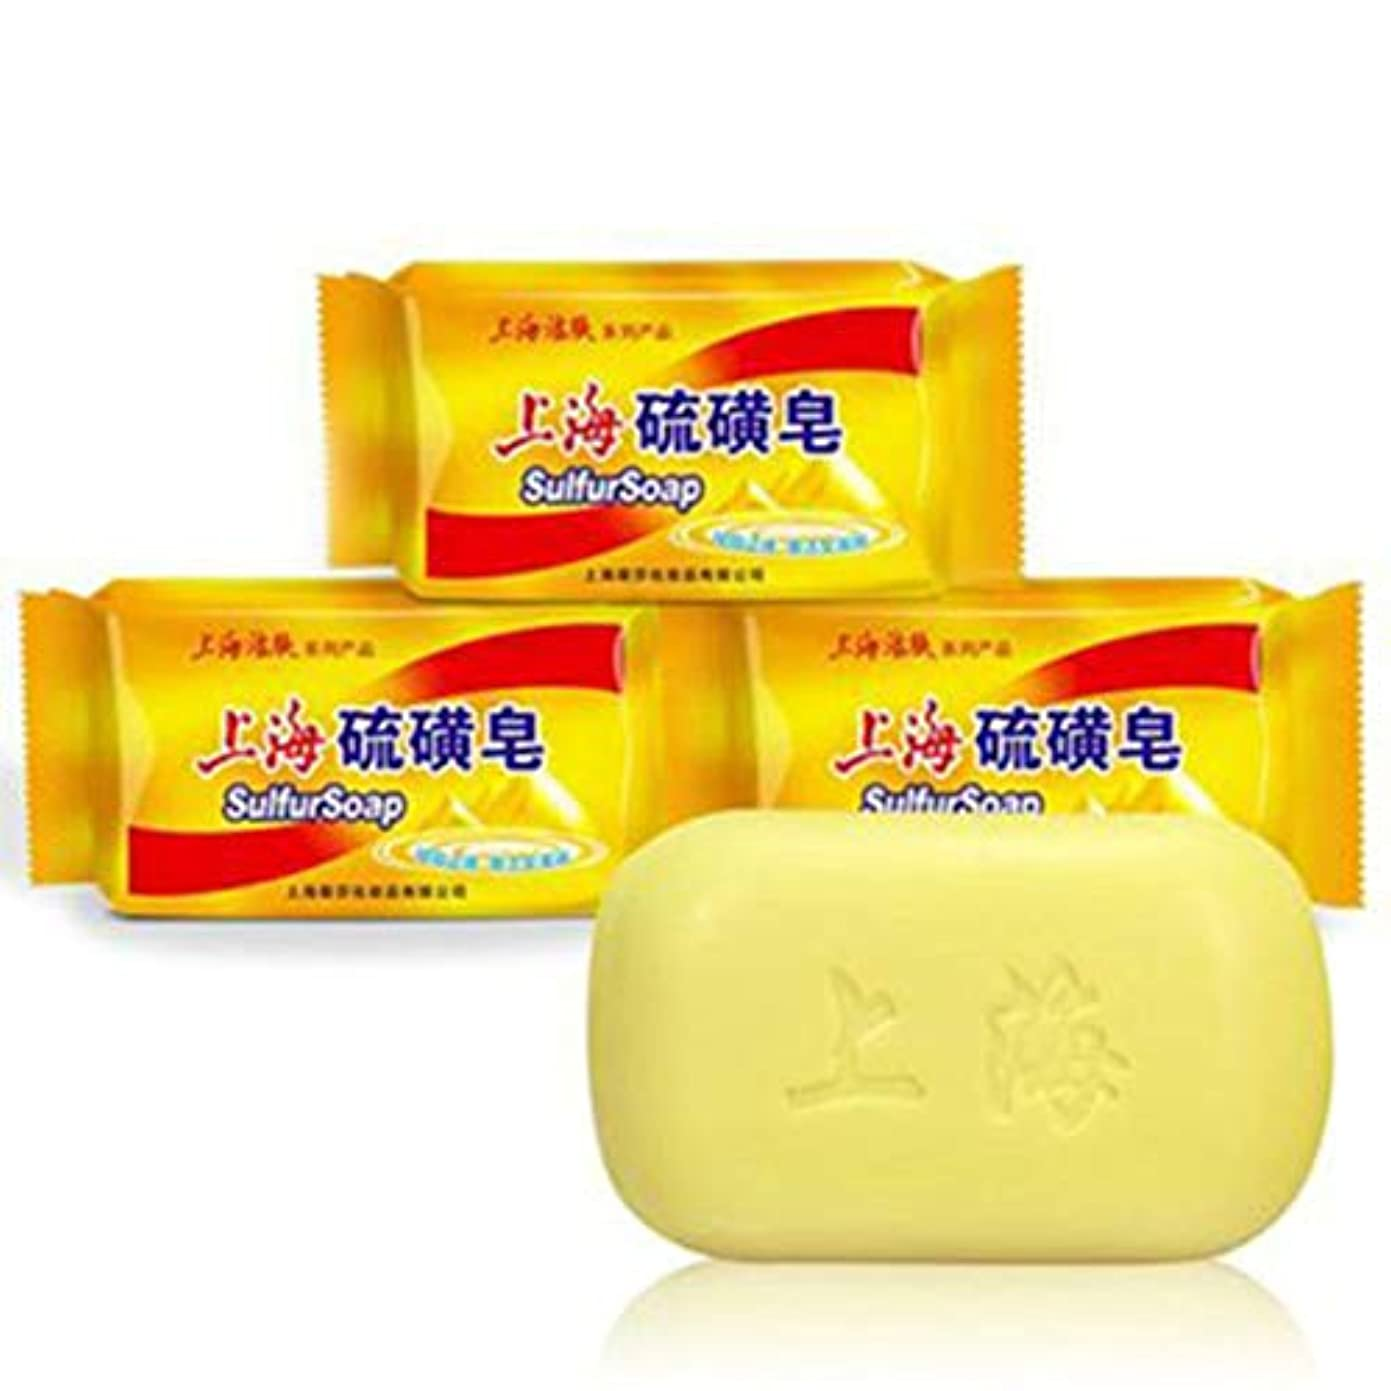 労働者エレメンタル華氏石鹸、ダニ石鹸入浴ユニセックス(3パック)に上海硫黄石鹸コントロールオイルフケ